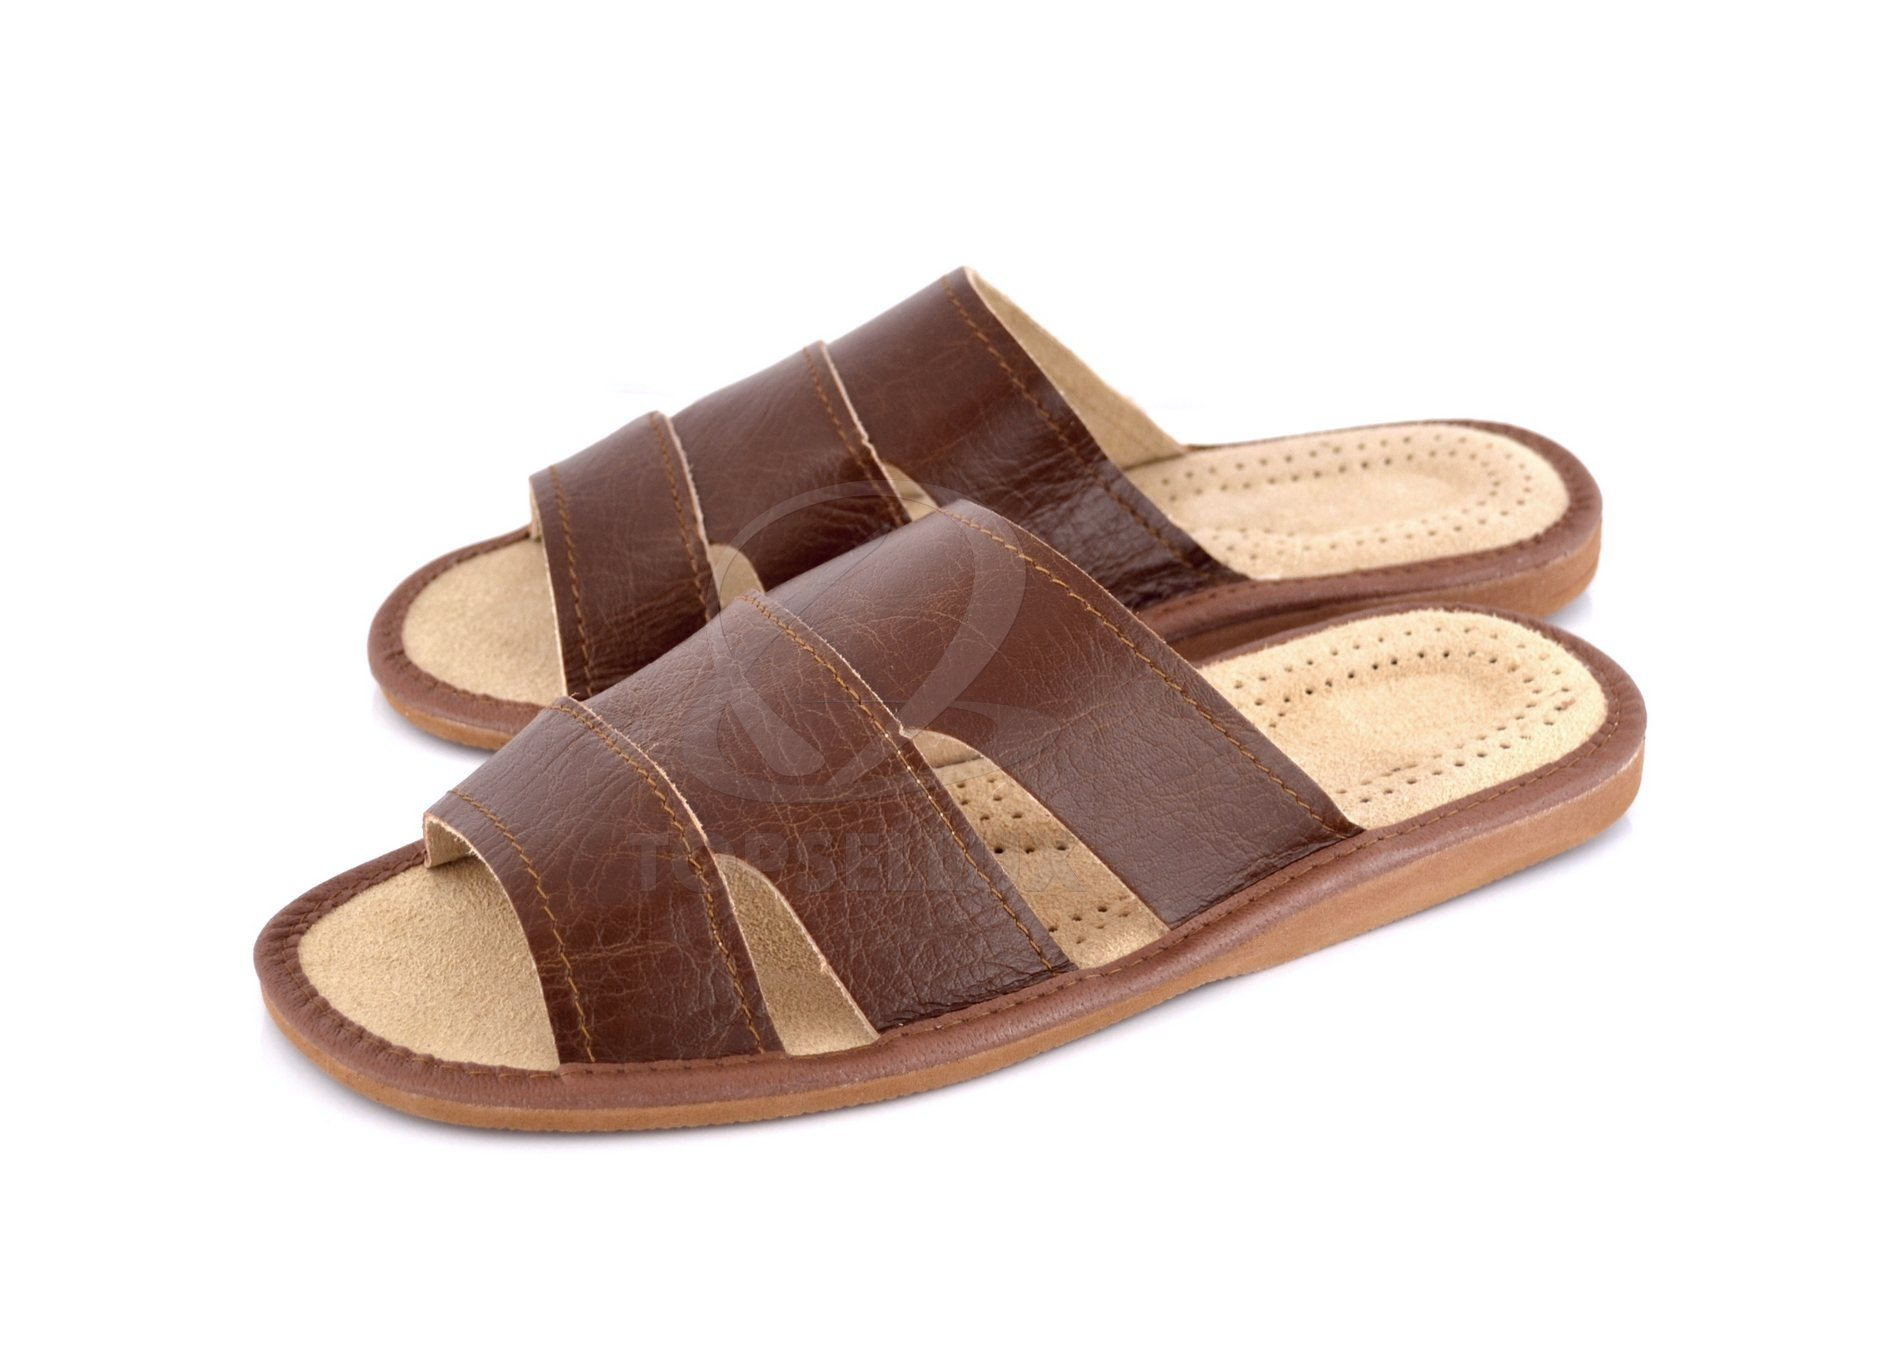 sandaler herr stora storlekar